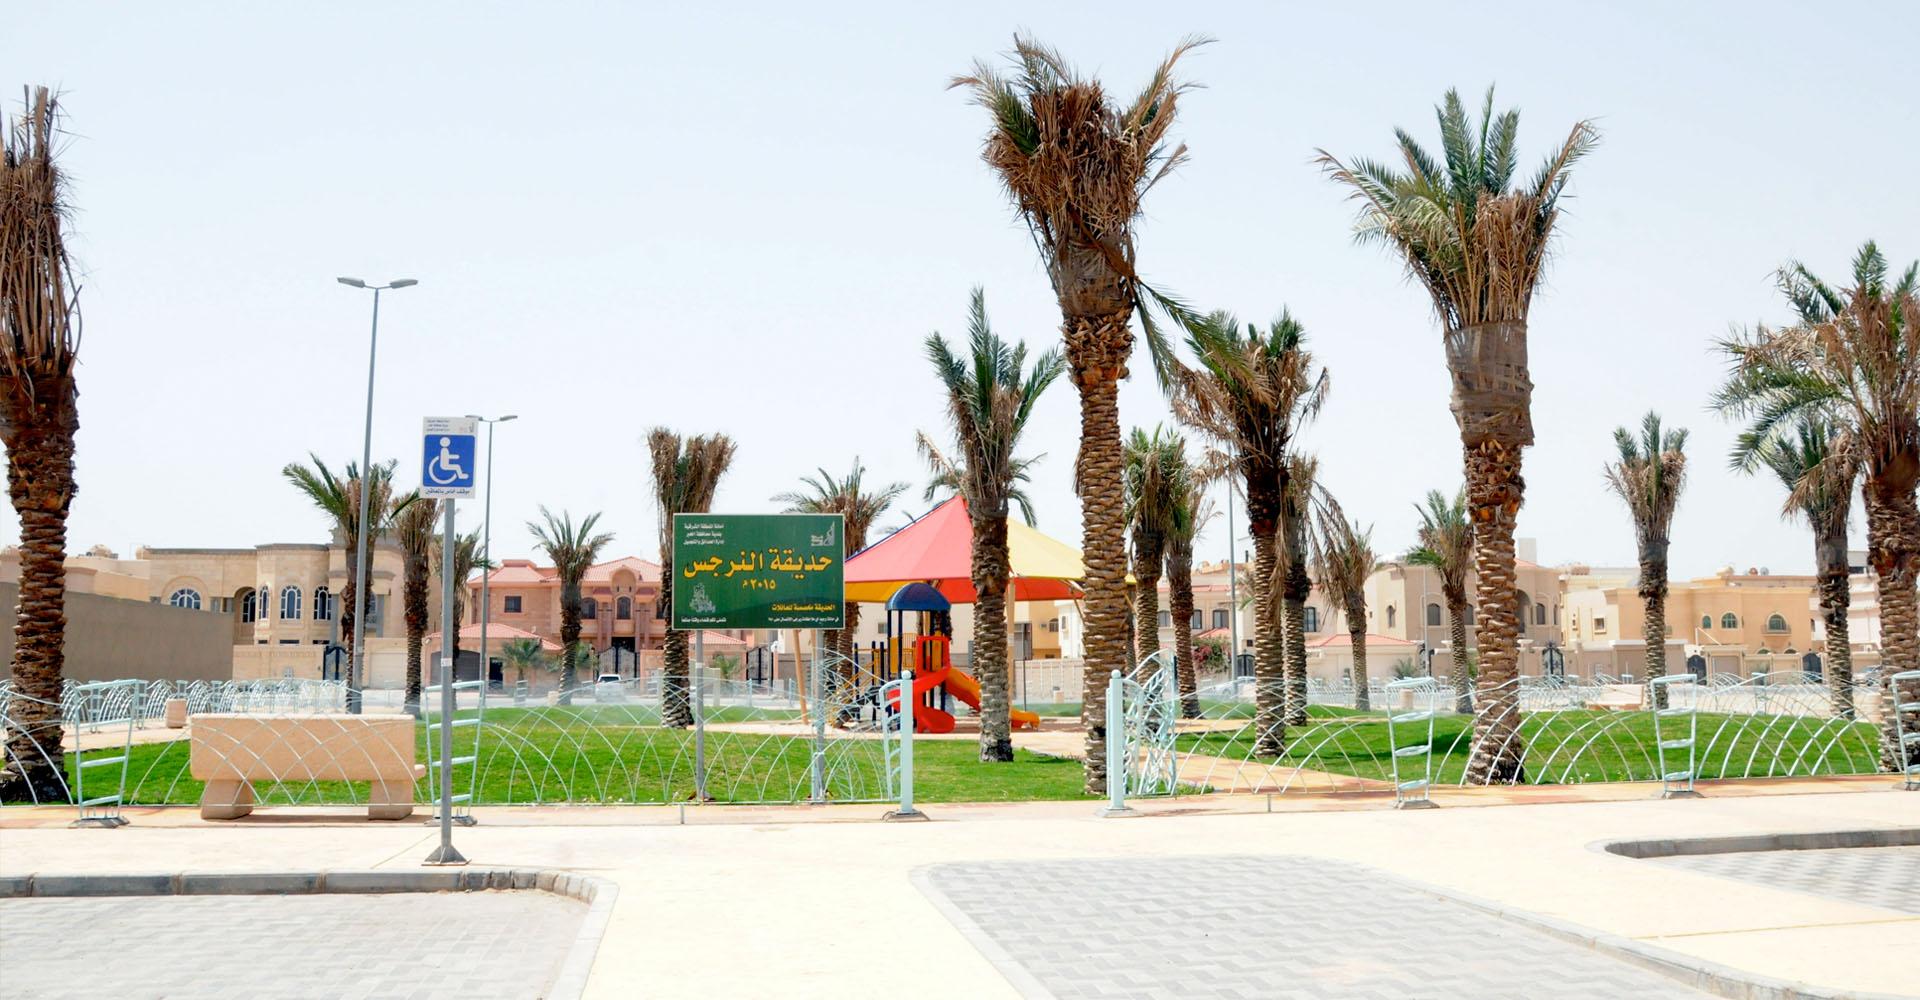 Al Nargs park